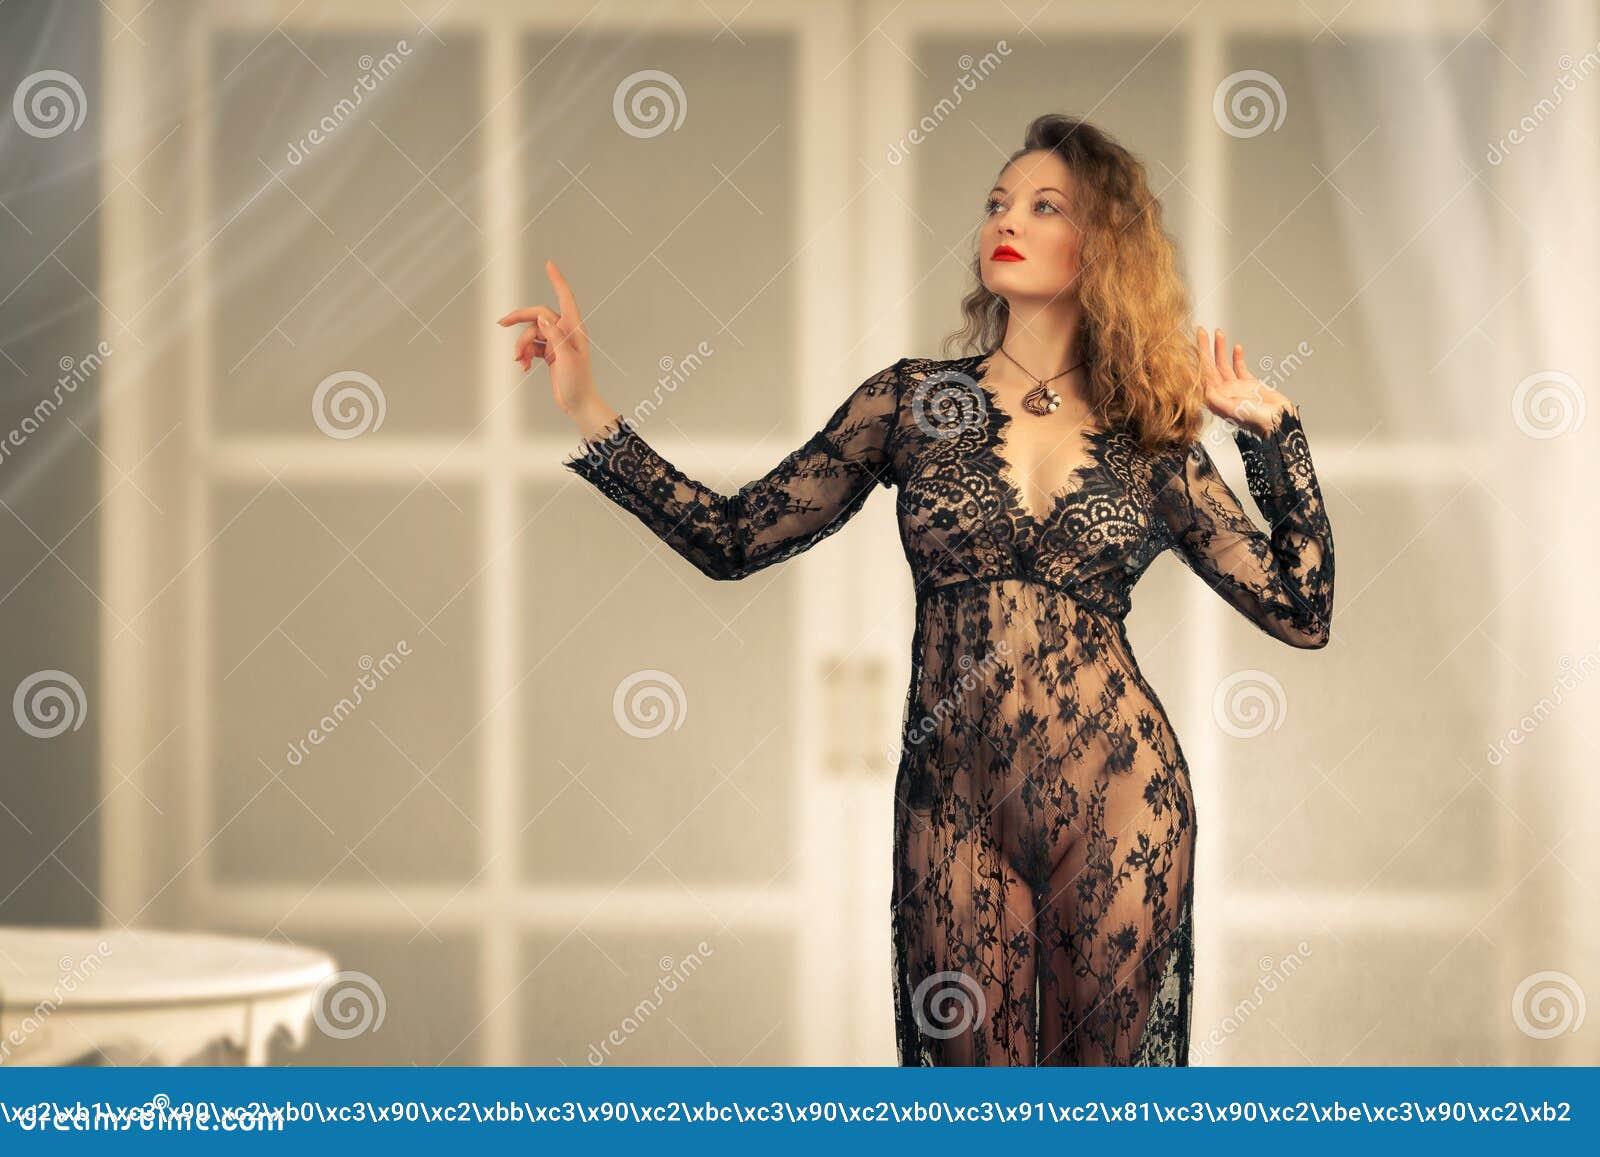 pics women naked ironig